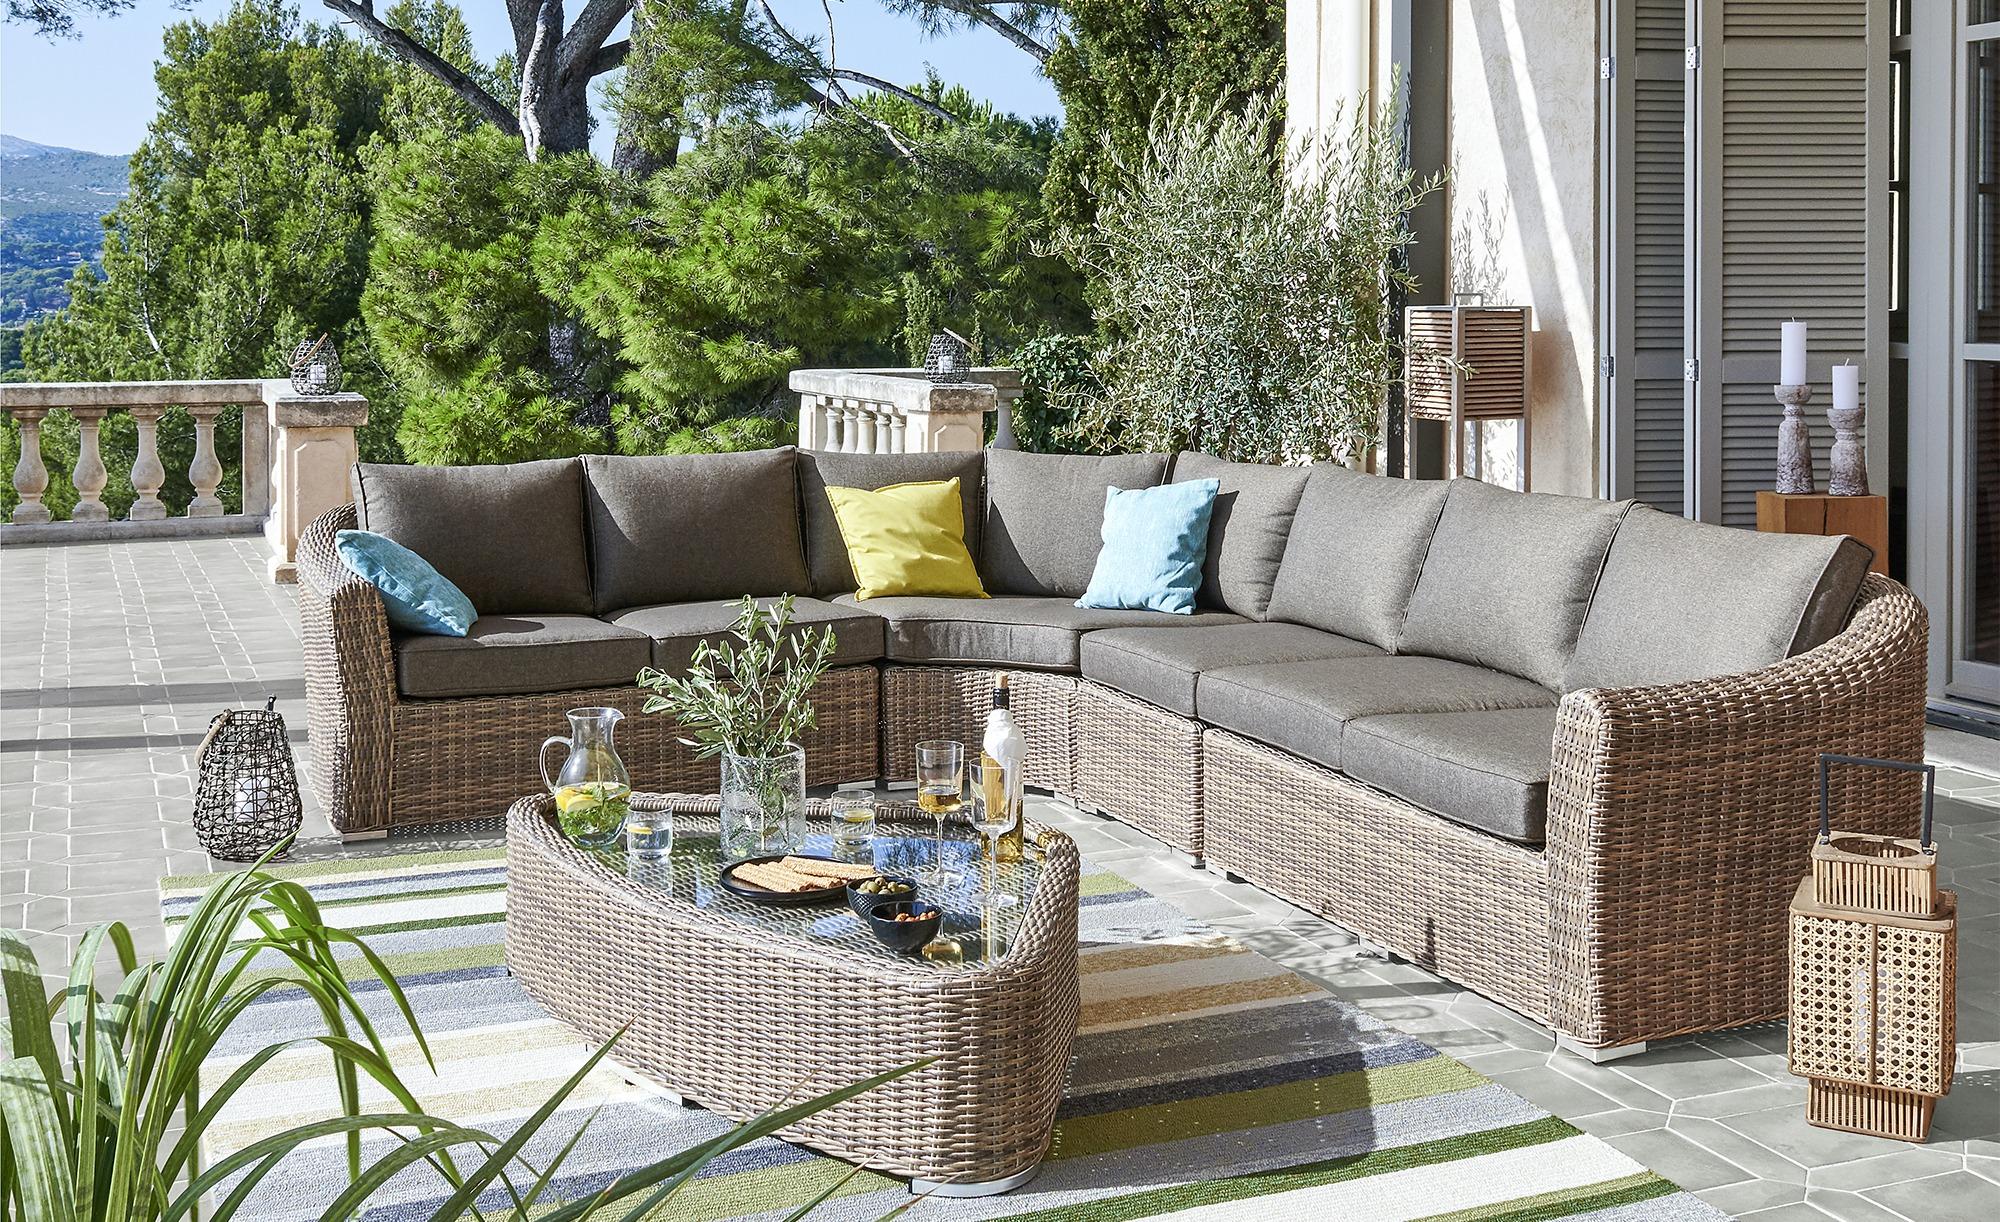 Full Size of Kalibo Sitzgruppe 6 Teilig Geflecht Garten Loungembel Outliv 6 Teilig Und Küche Wohnzimmer Outliv. Kalibo Sitzgruppe 6 Teilig Geflecht